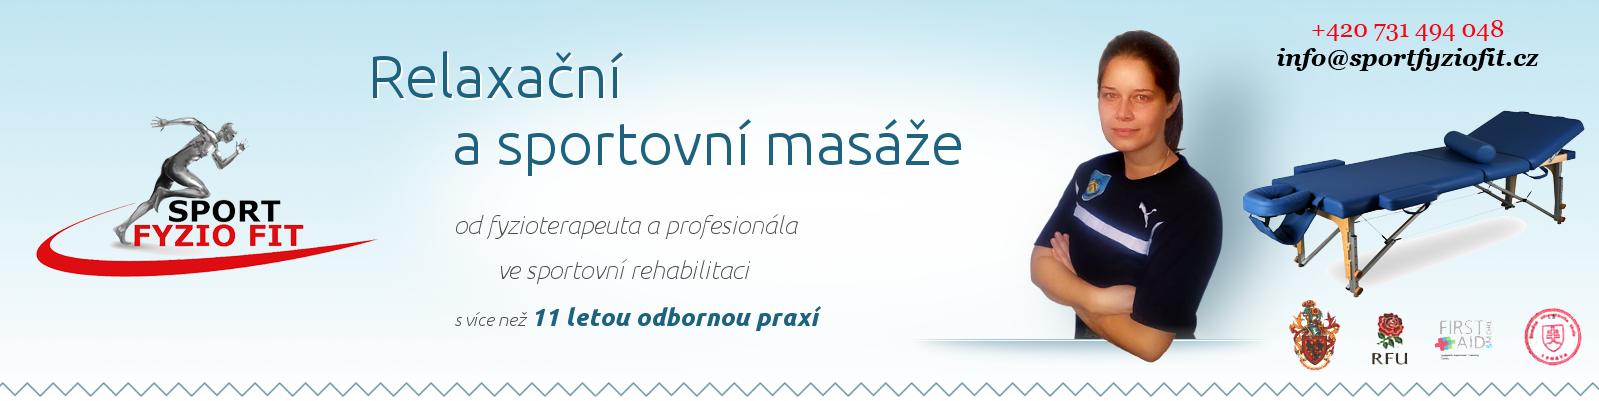 sportfyziofit.cz